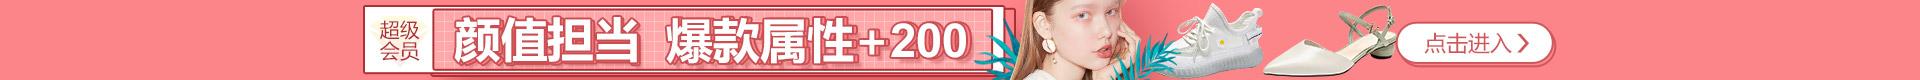 TOP0001@2020-05-30